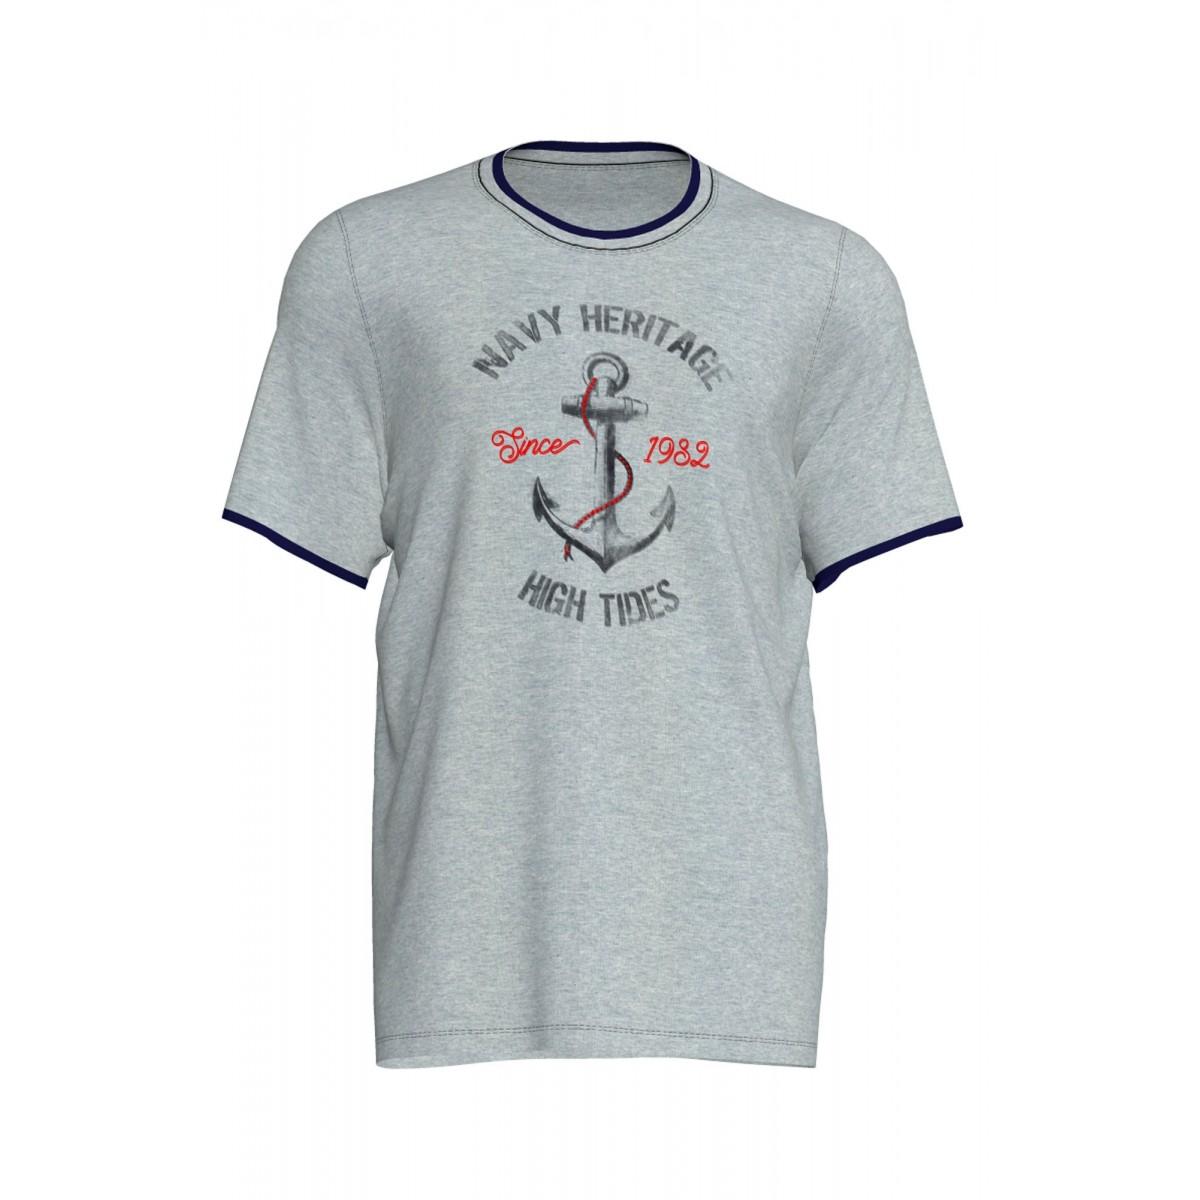 077fb389eed Vamp Ανδρική Πυτζάμα βαμβακερή με γκρι μπλουζάκι και μονόχρωμη μπλέ  βερμούδα,Νο 3ΧL, ...